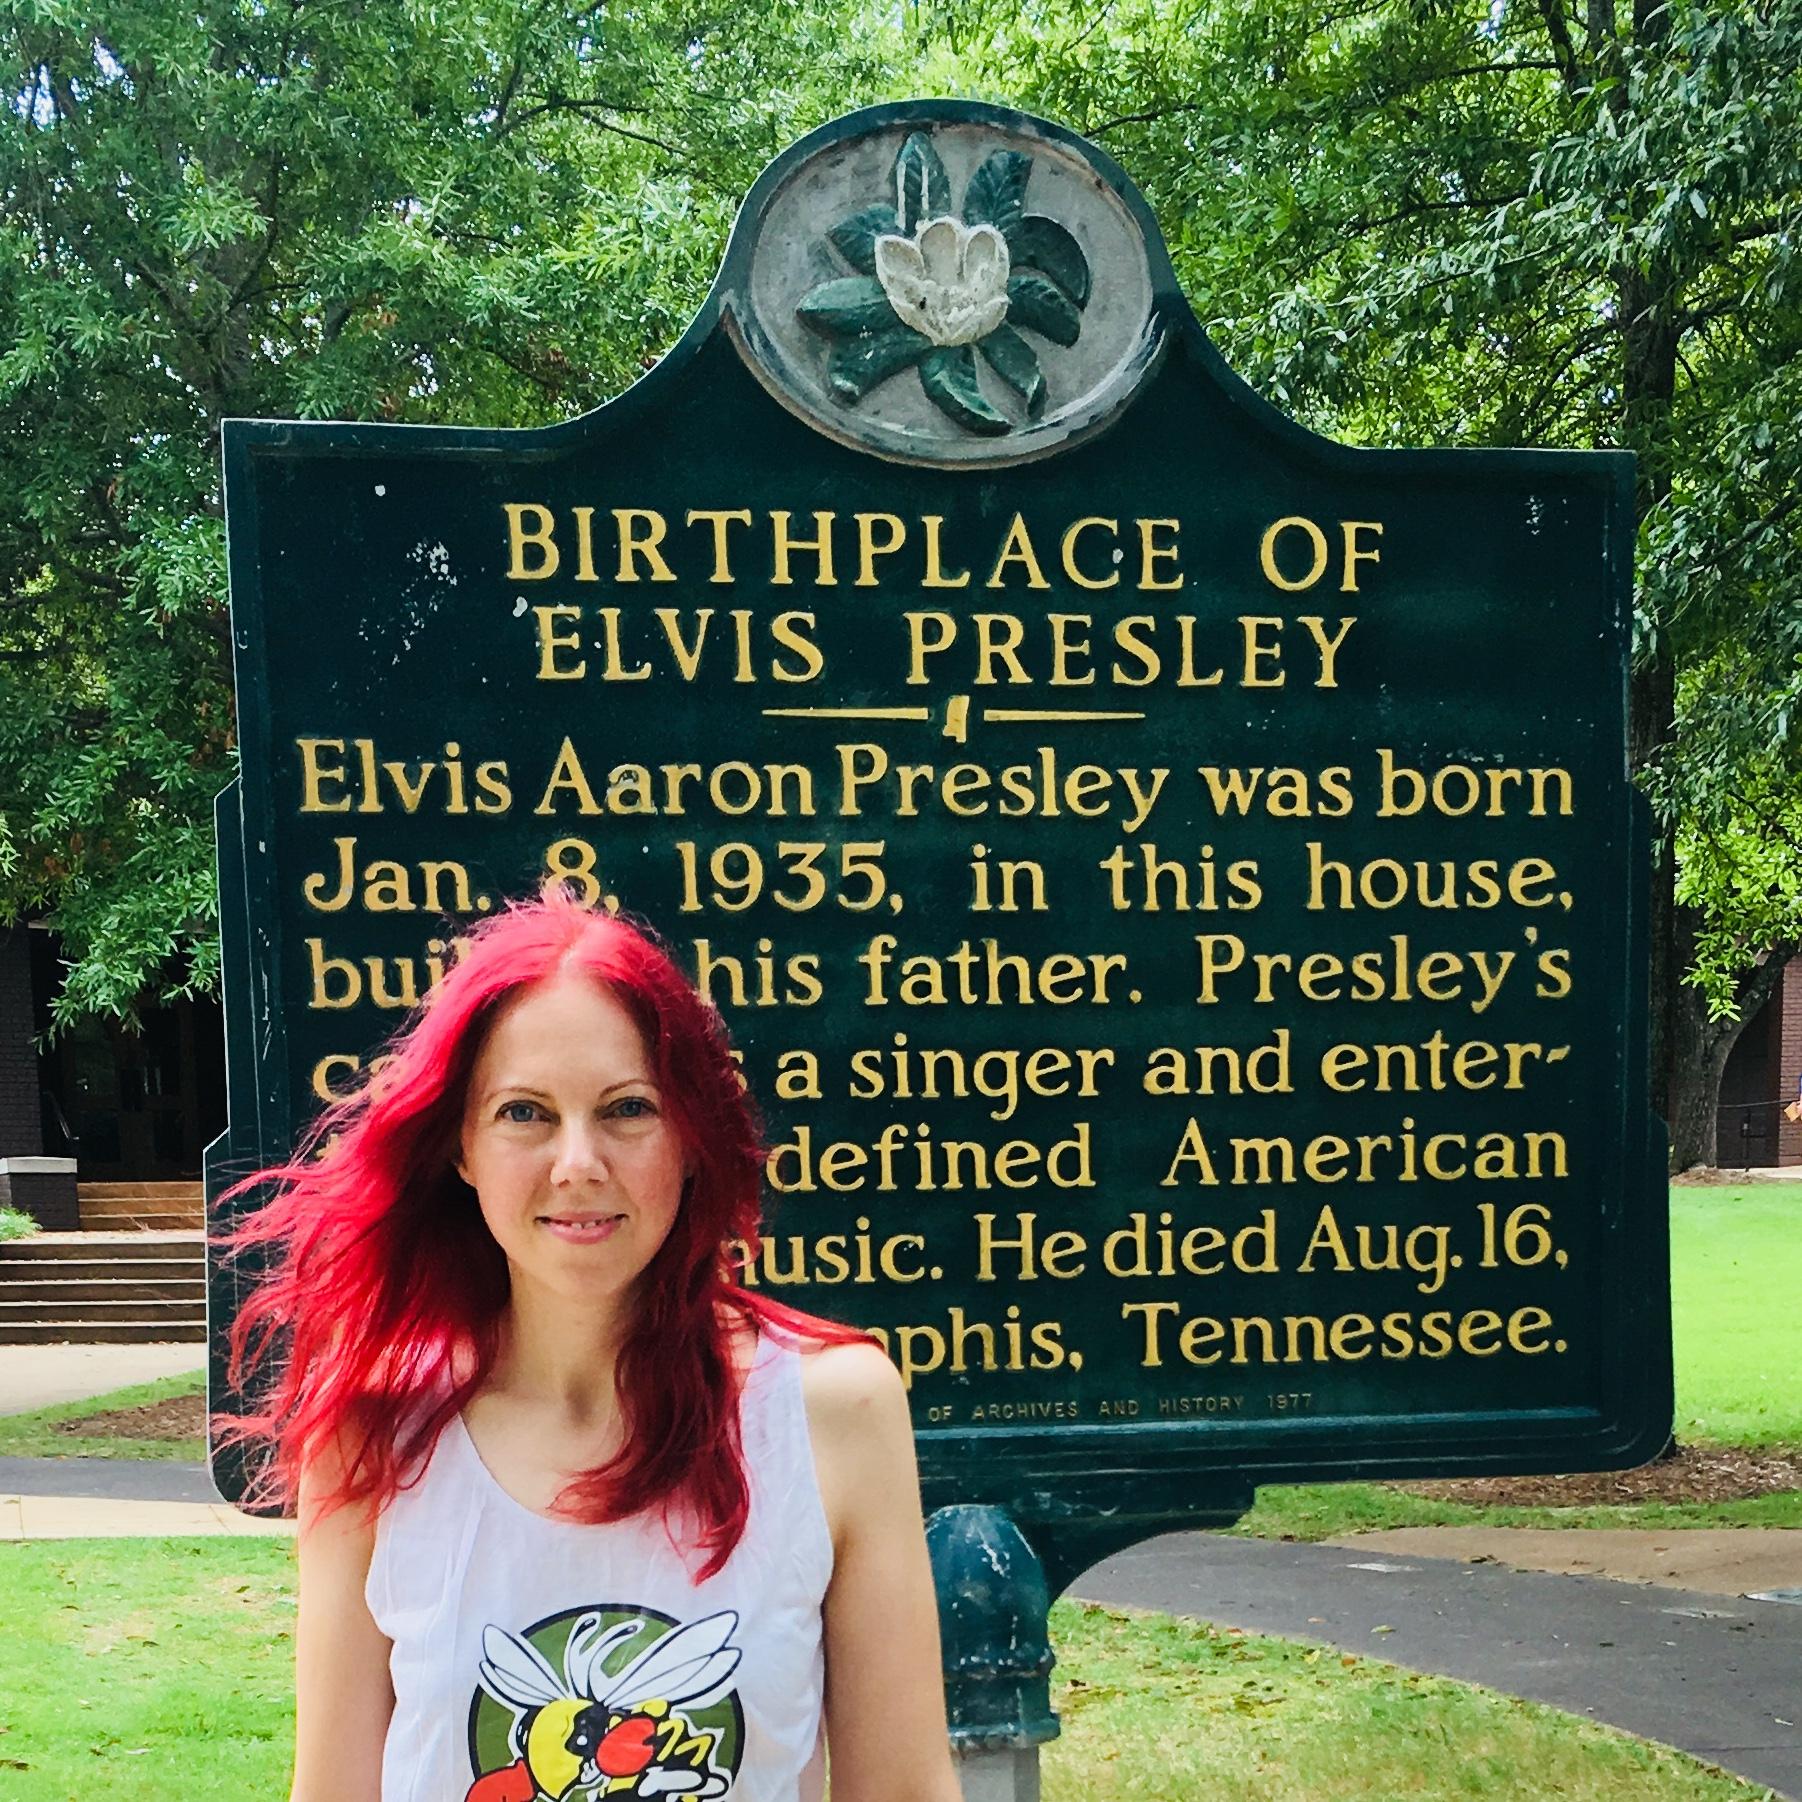 Tupelo, Mississippi, 2018